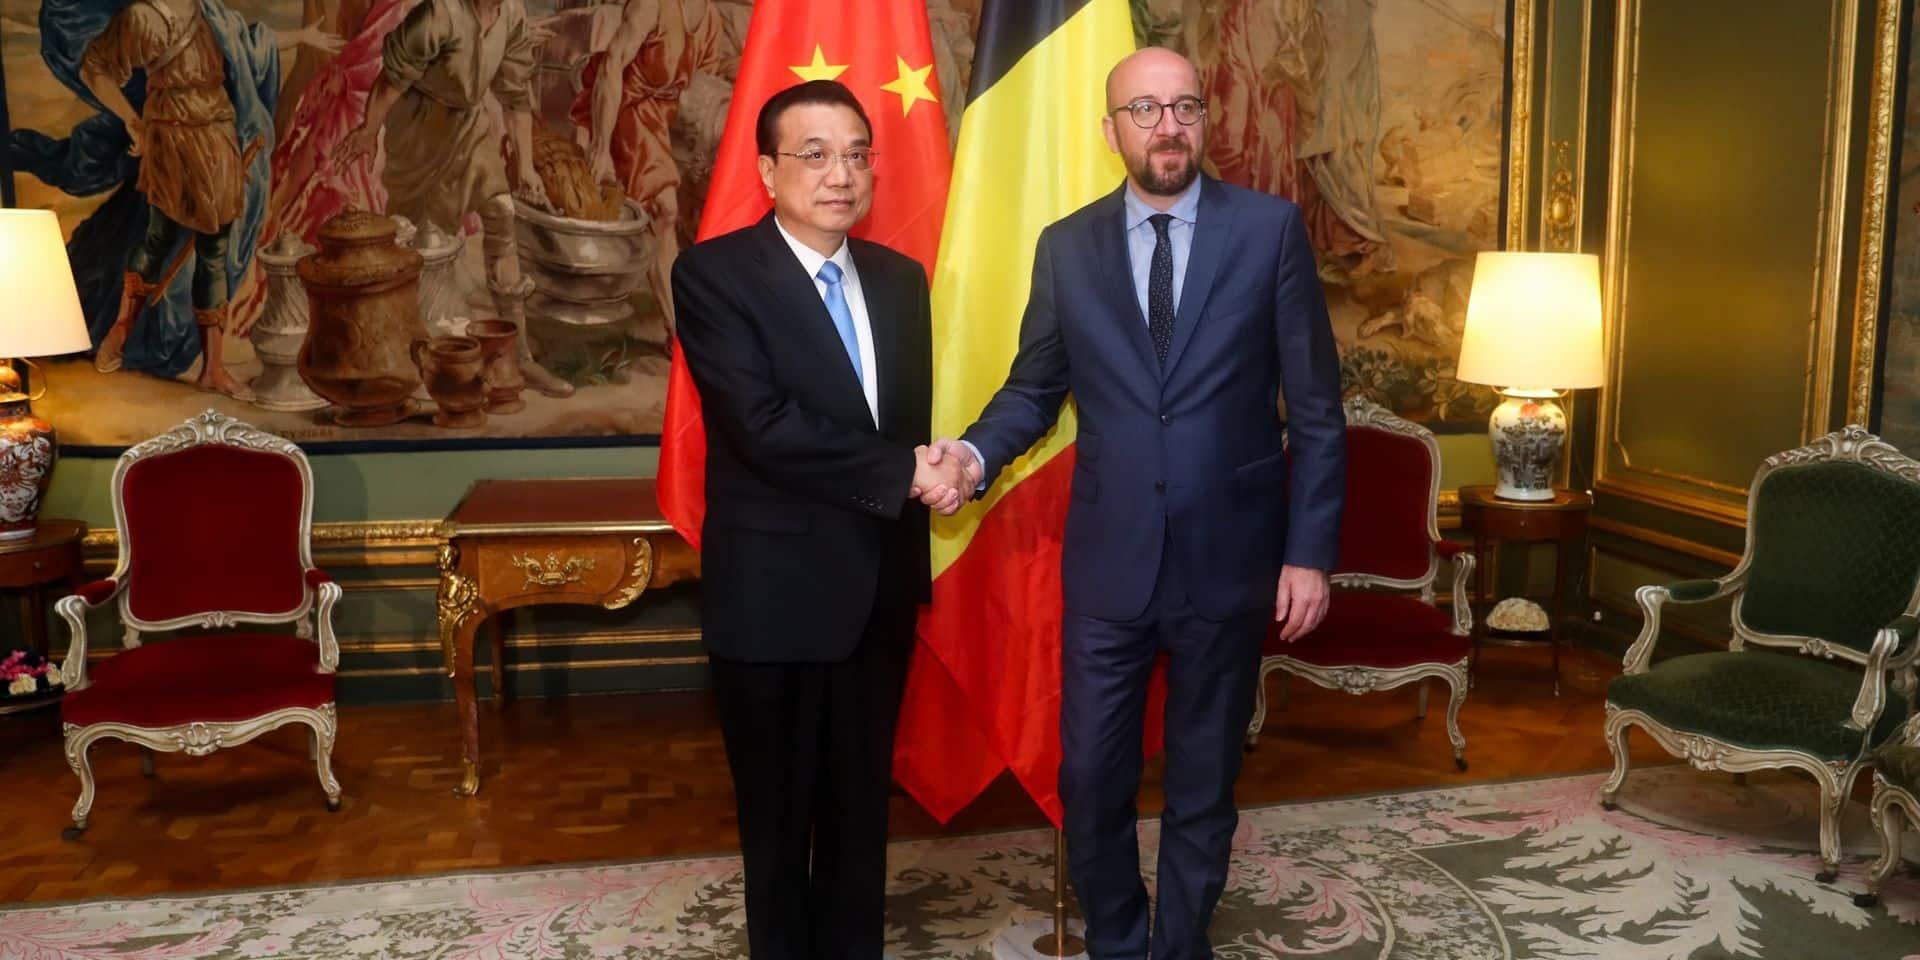 La Belgique a adopté un traité d'extradition controversé avec la Chine